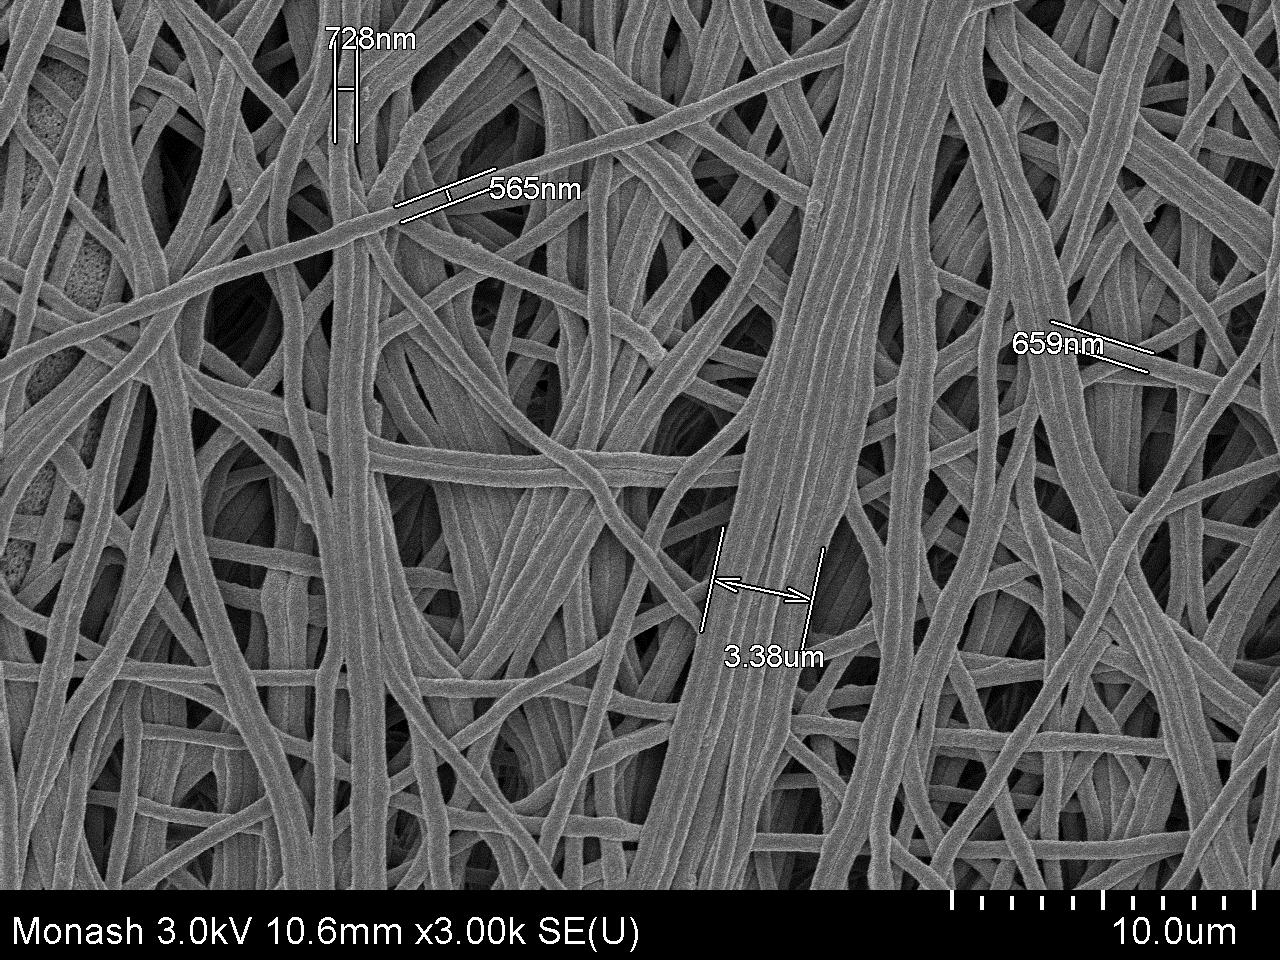 SEM micrograph of a PAN membrane